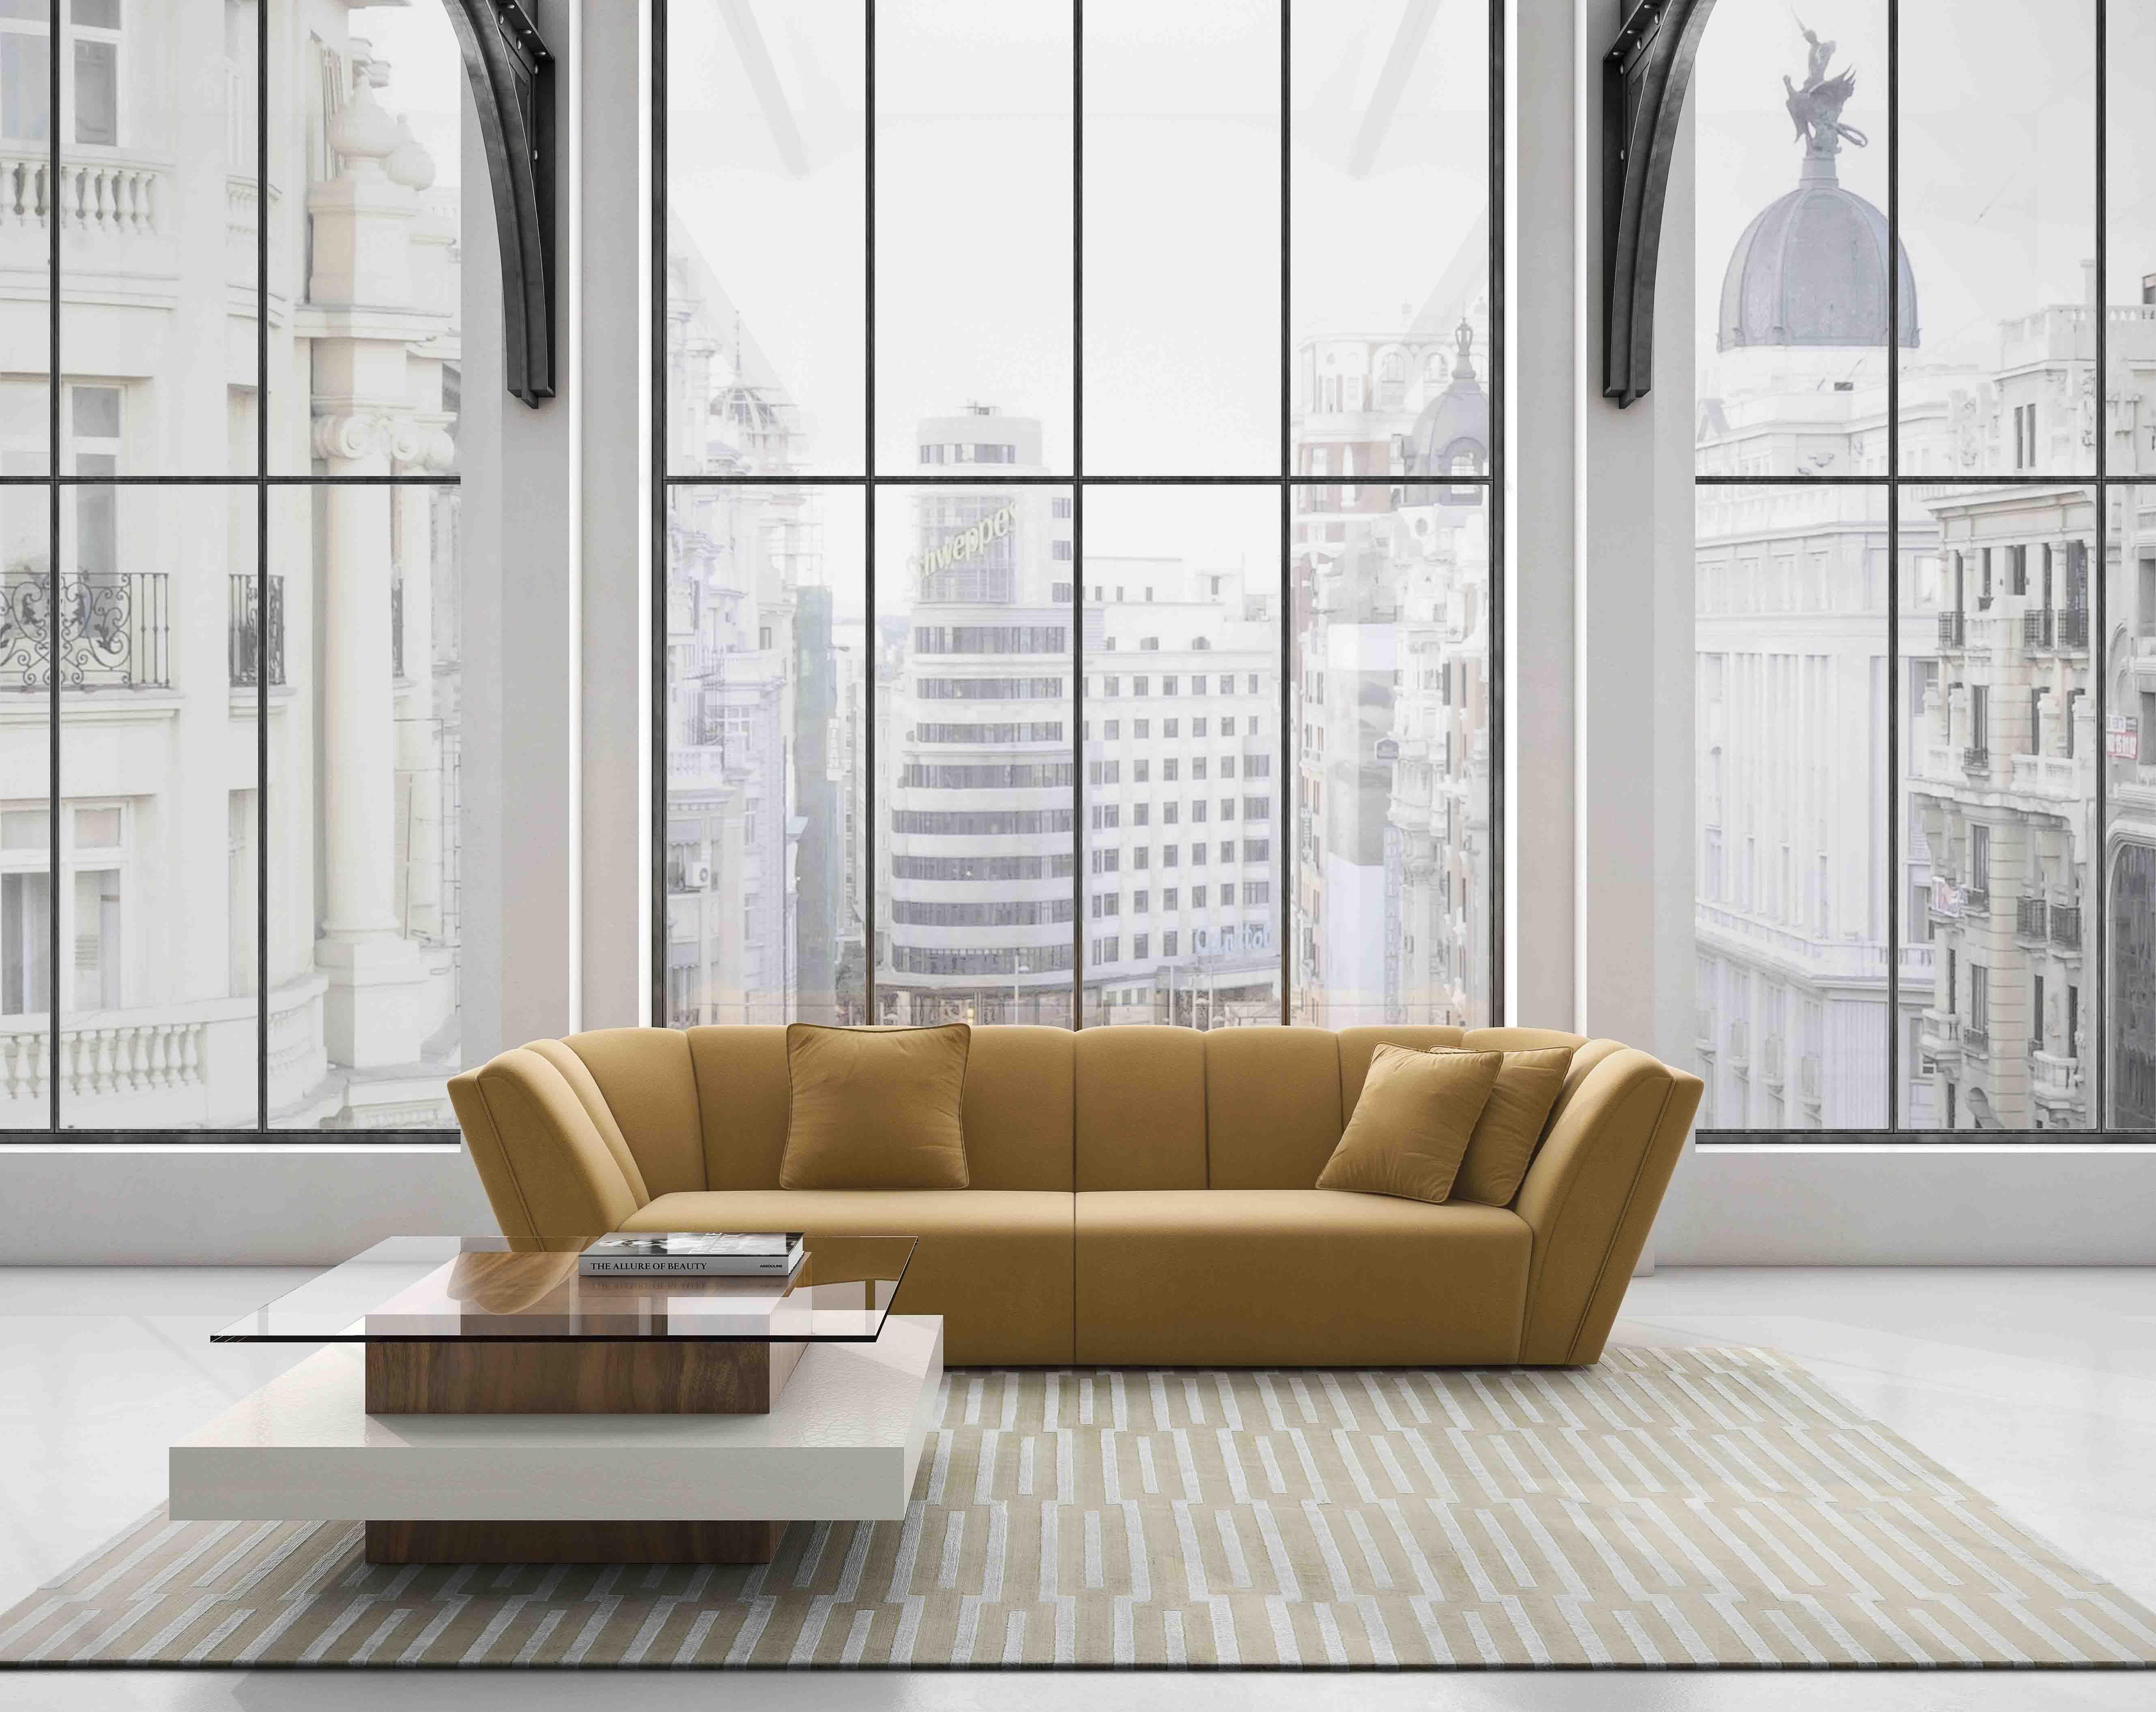 Luxury Sofas Designer Sofas Luxury Sofa Sofa Design Contemporary Furniture Design